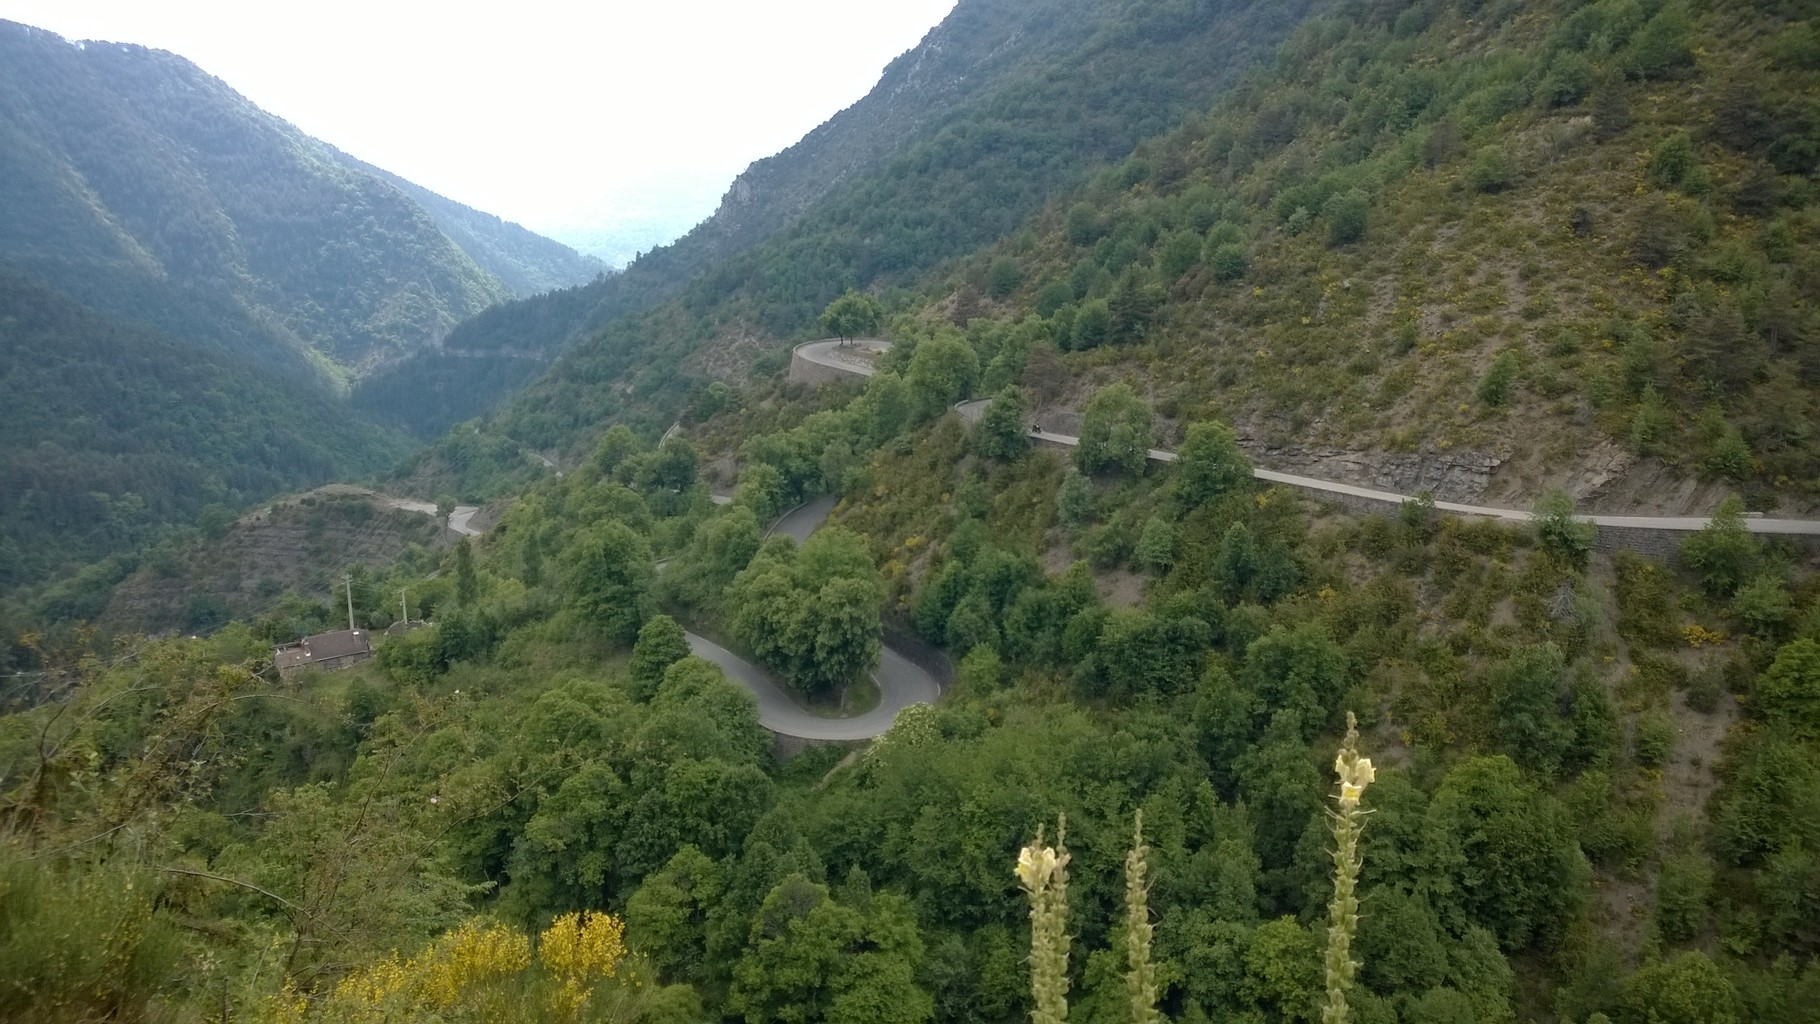 Traumstrecken im Hinterland der Cote d' Azur